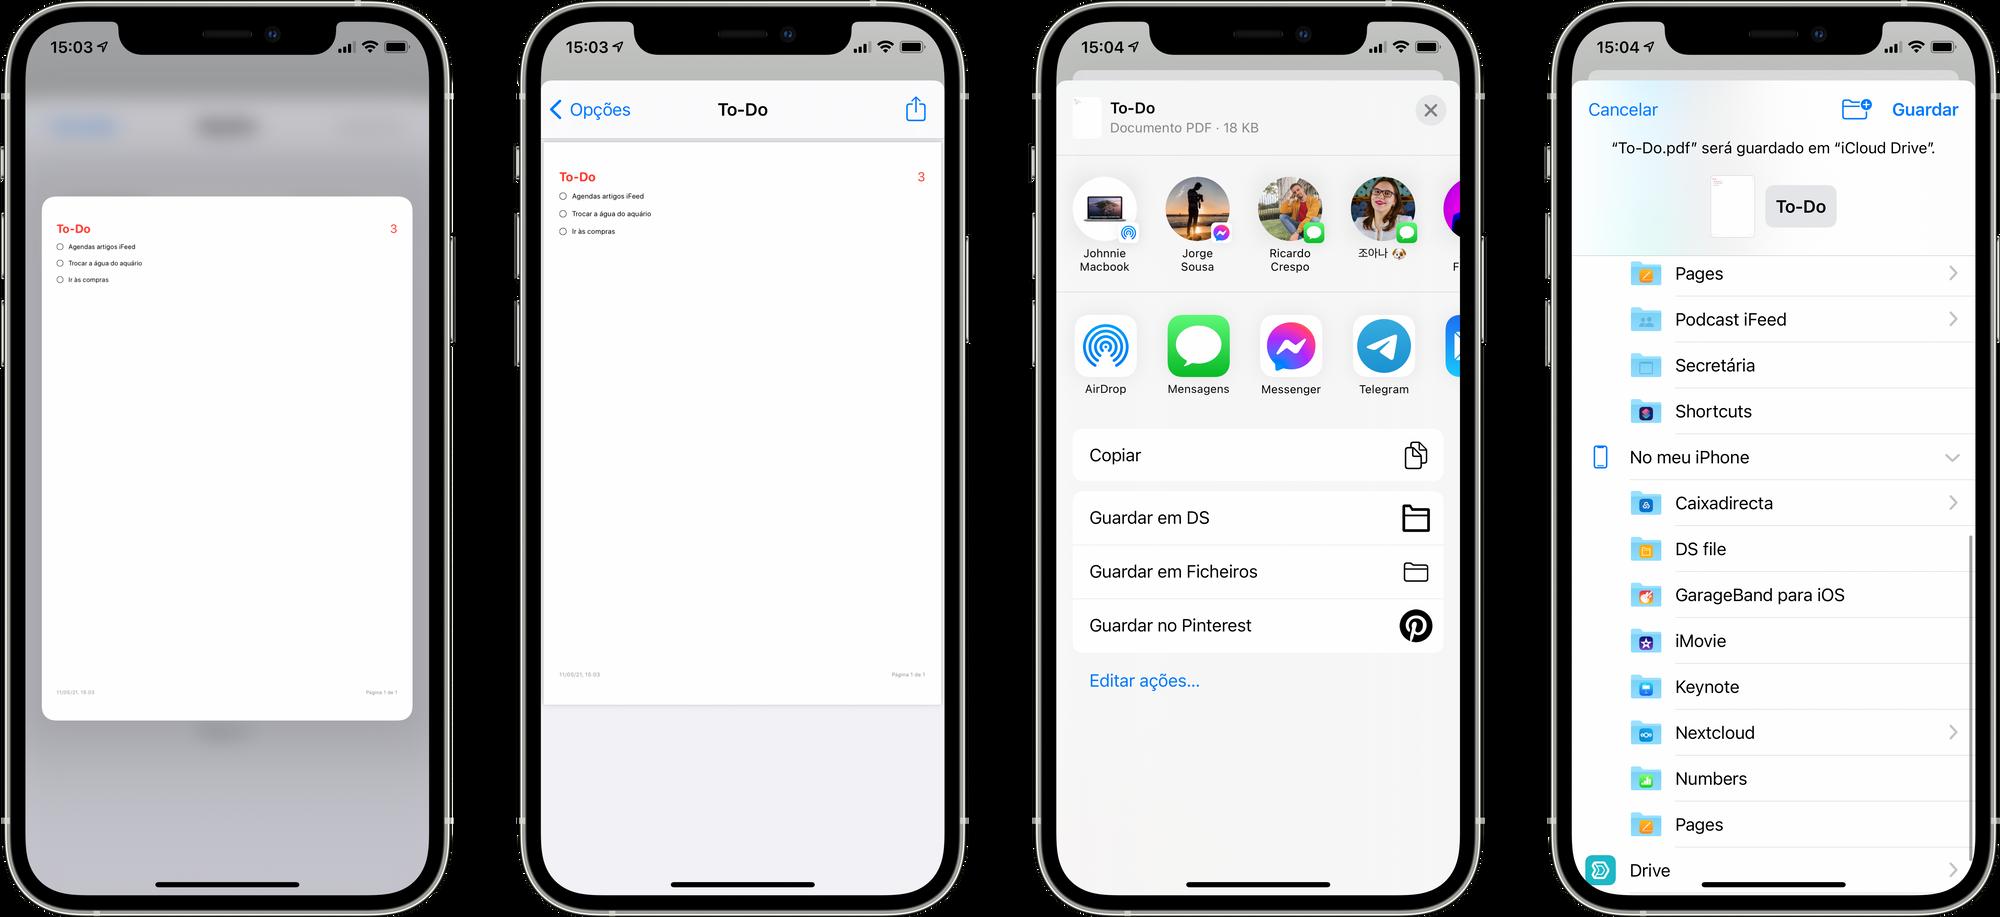 Guardar Lembretes em PDF no iOS 14.5